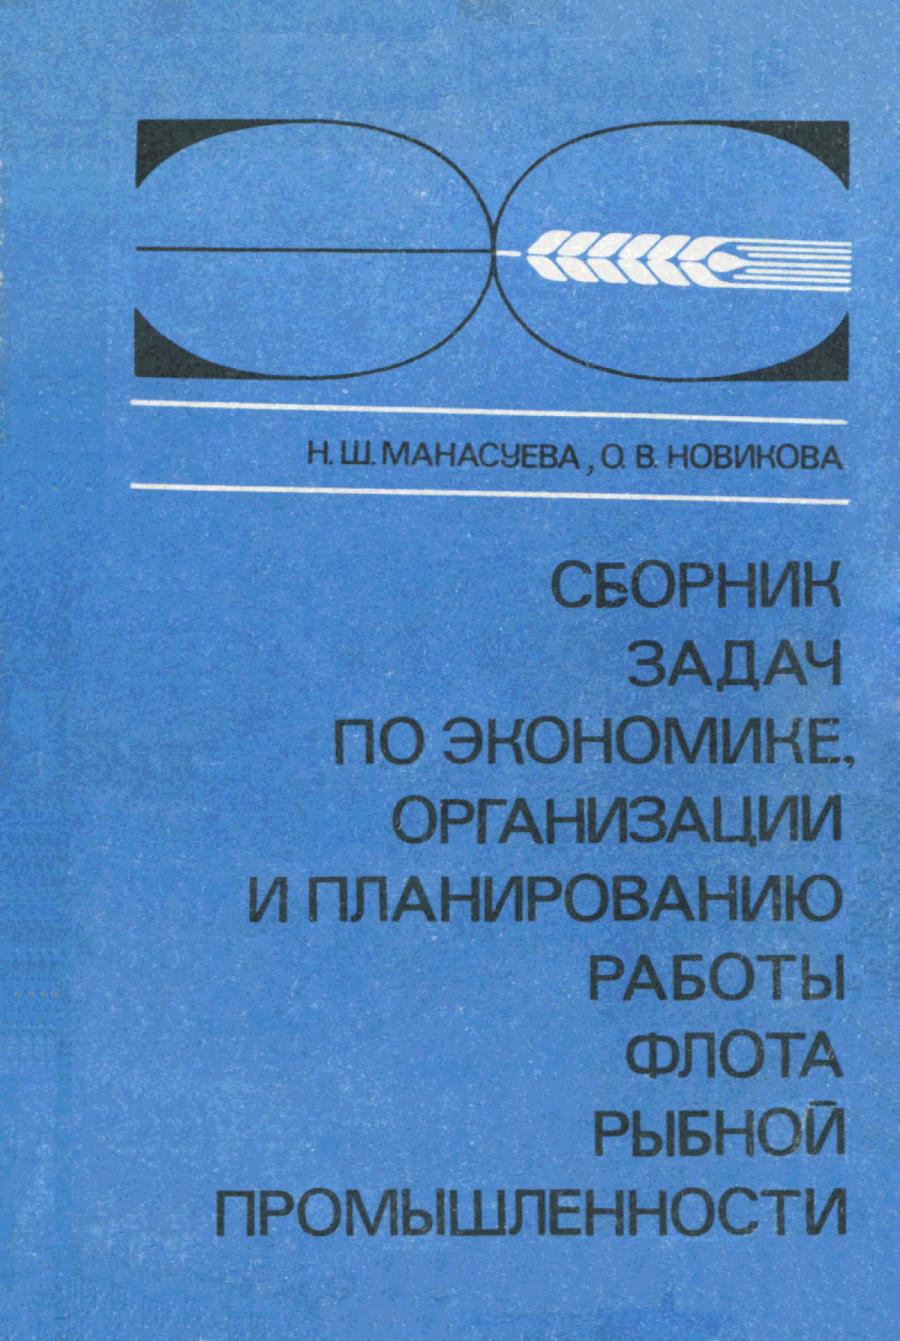 Обложка книги:  манасуева н.ш., новикова о.в. - сборник задач по экономике, организации и планированию работы флота рыбной промышленности